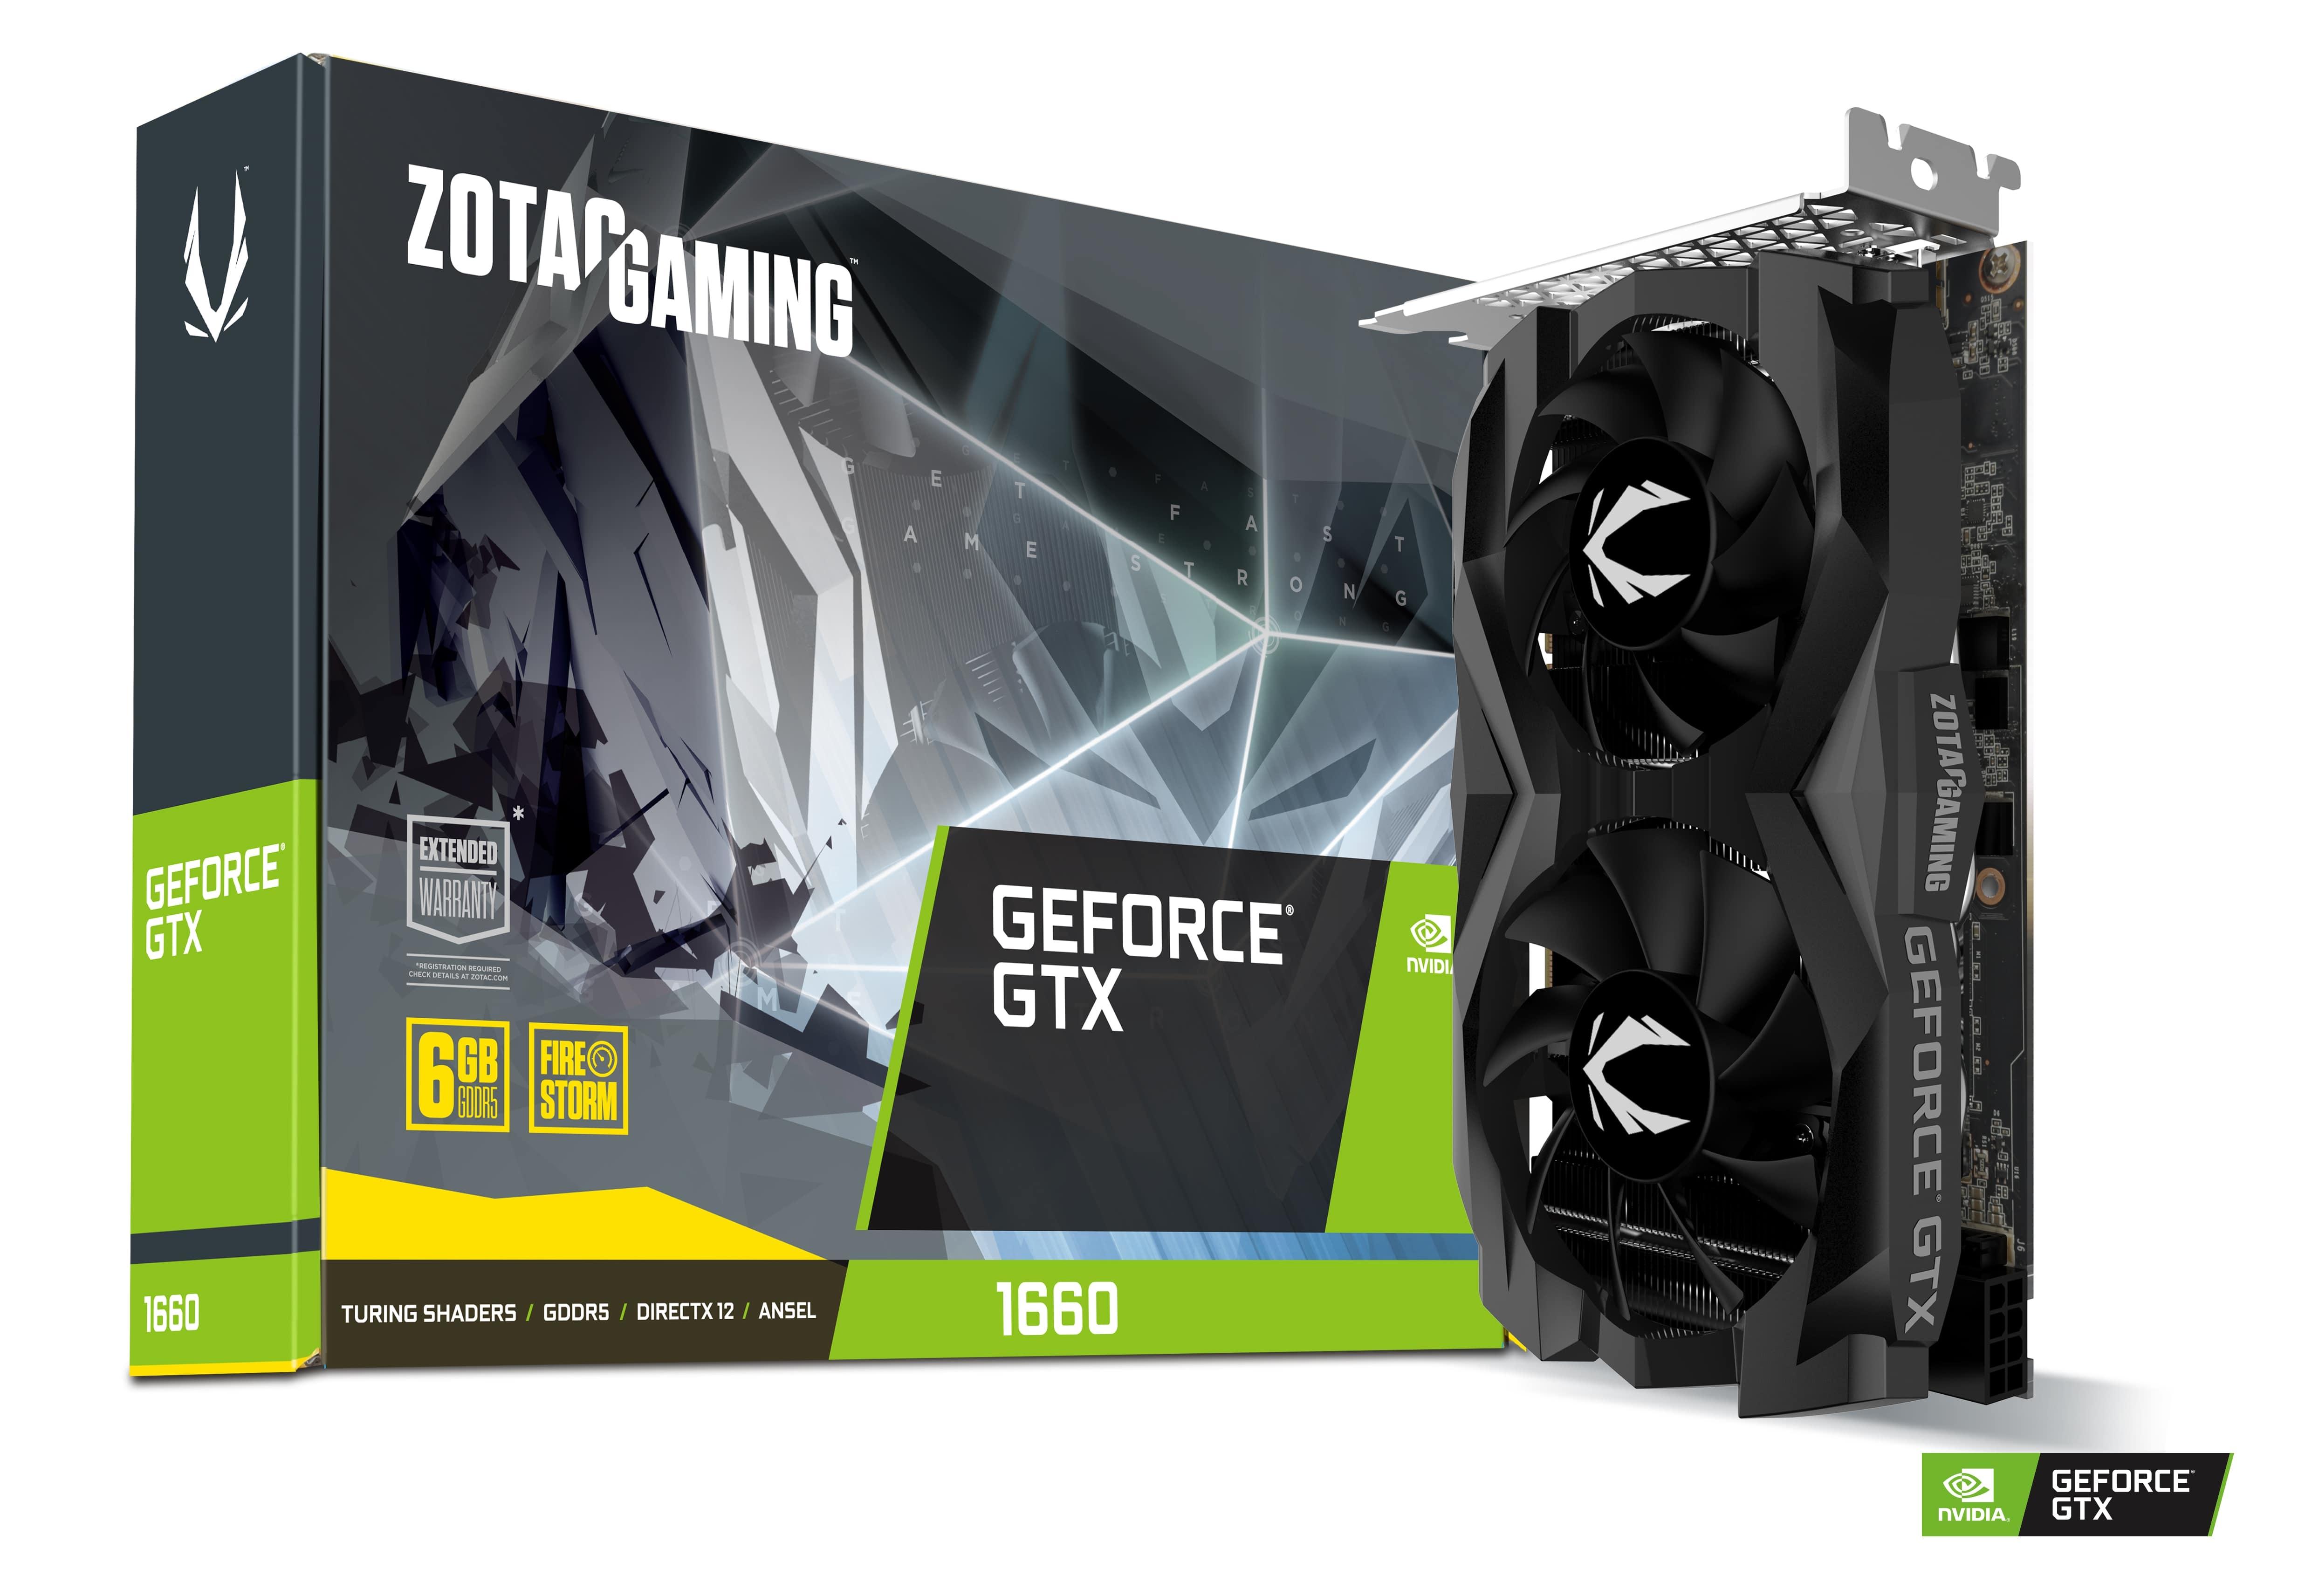 ZOTAC GAMING GeForce GTX 1660 6GB GDDR5 | ZOTAC